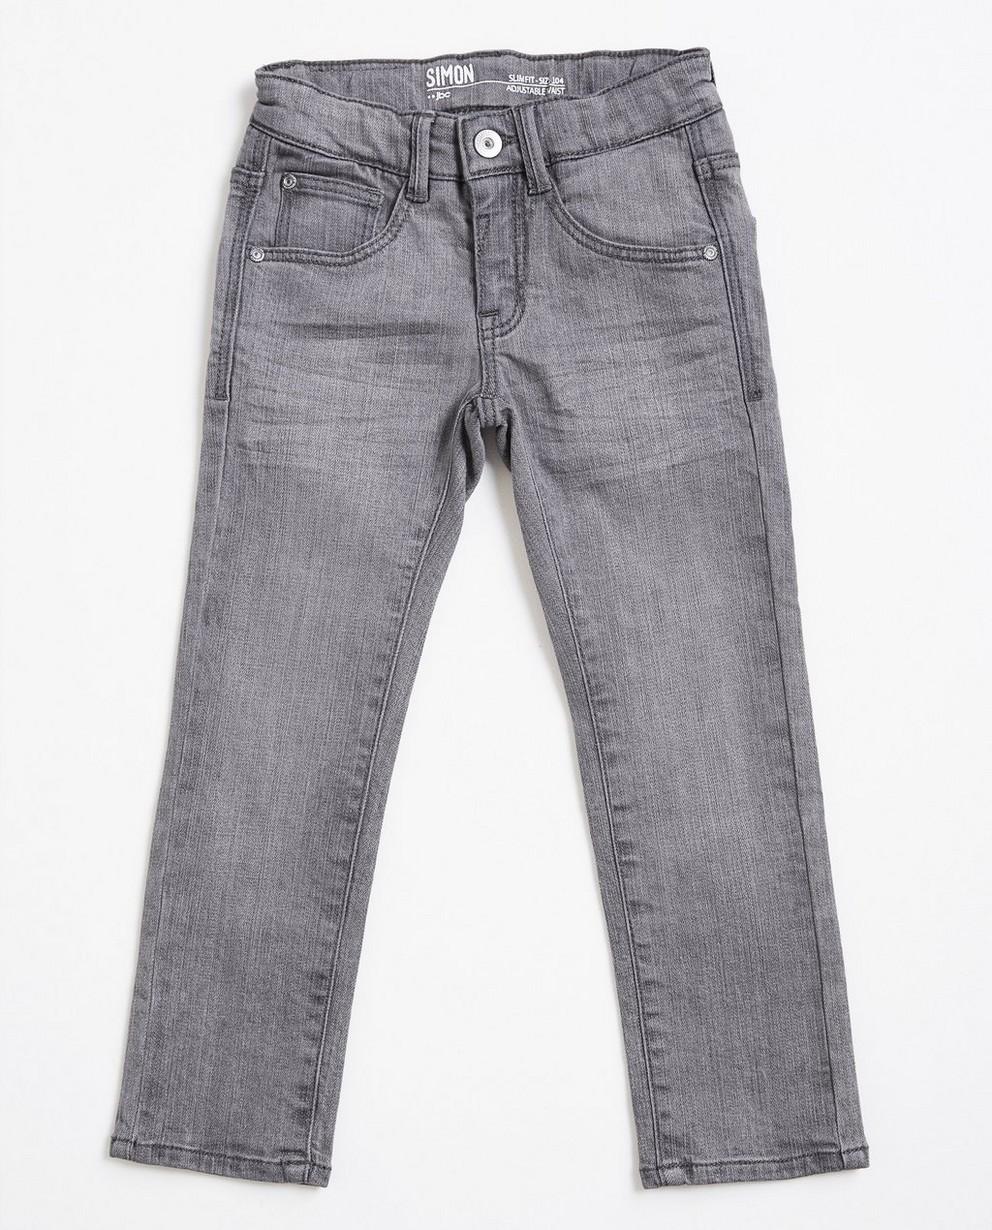 Jeans - grey - Grijze slim jeans